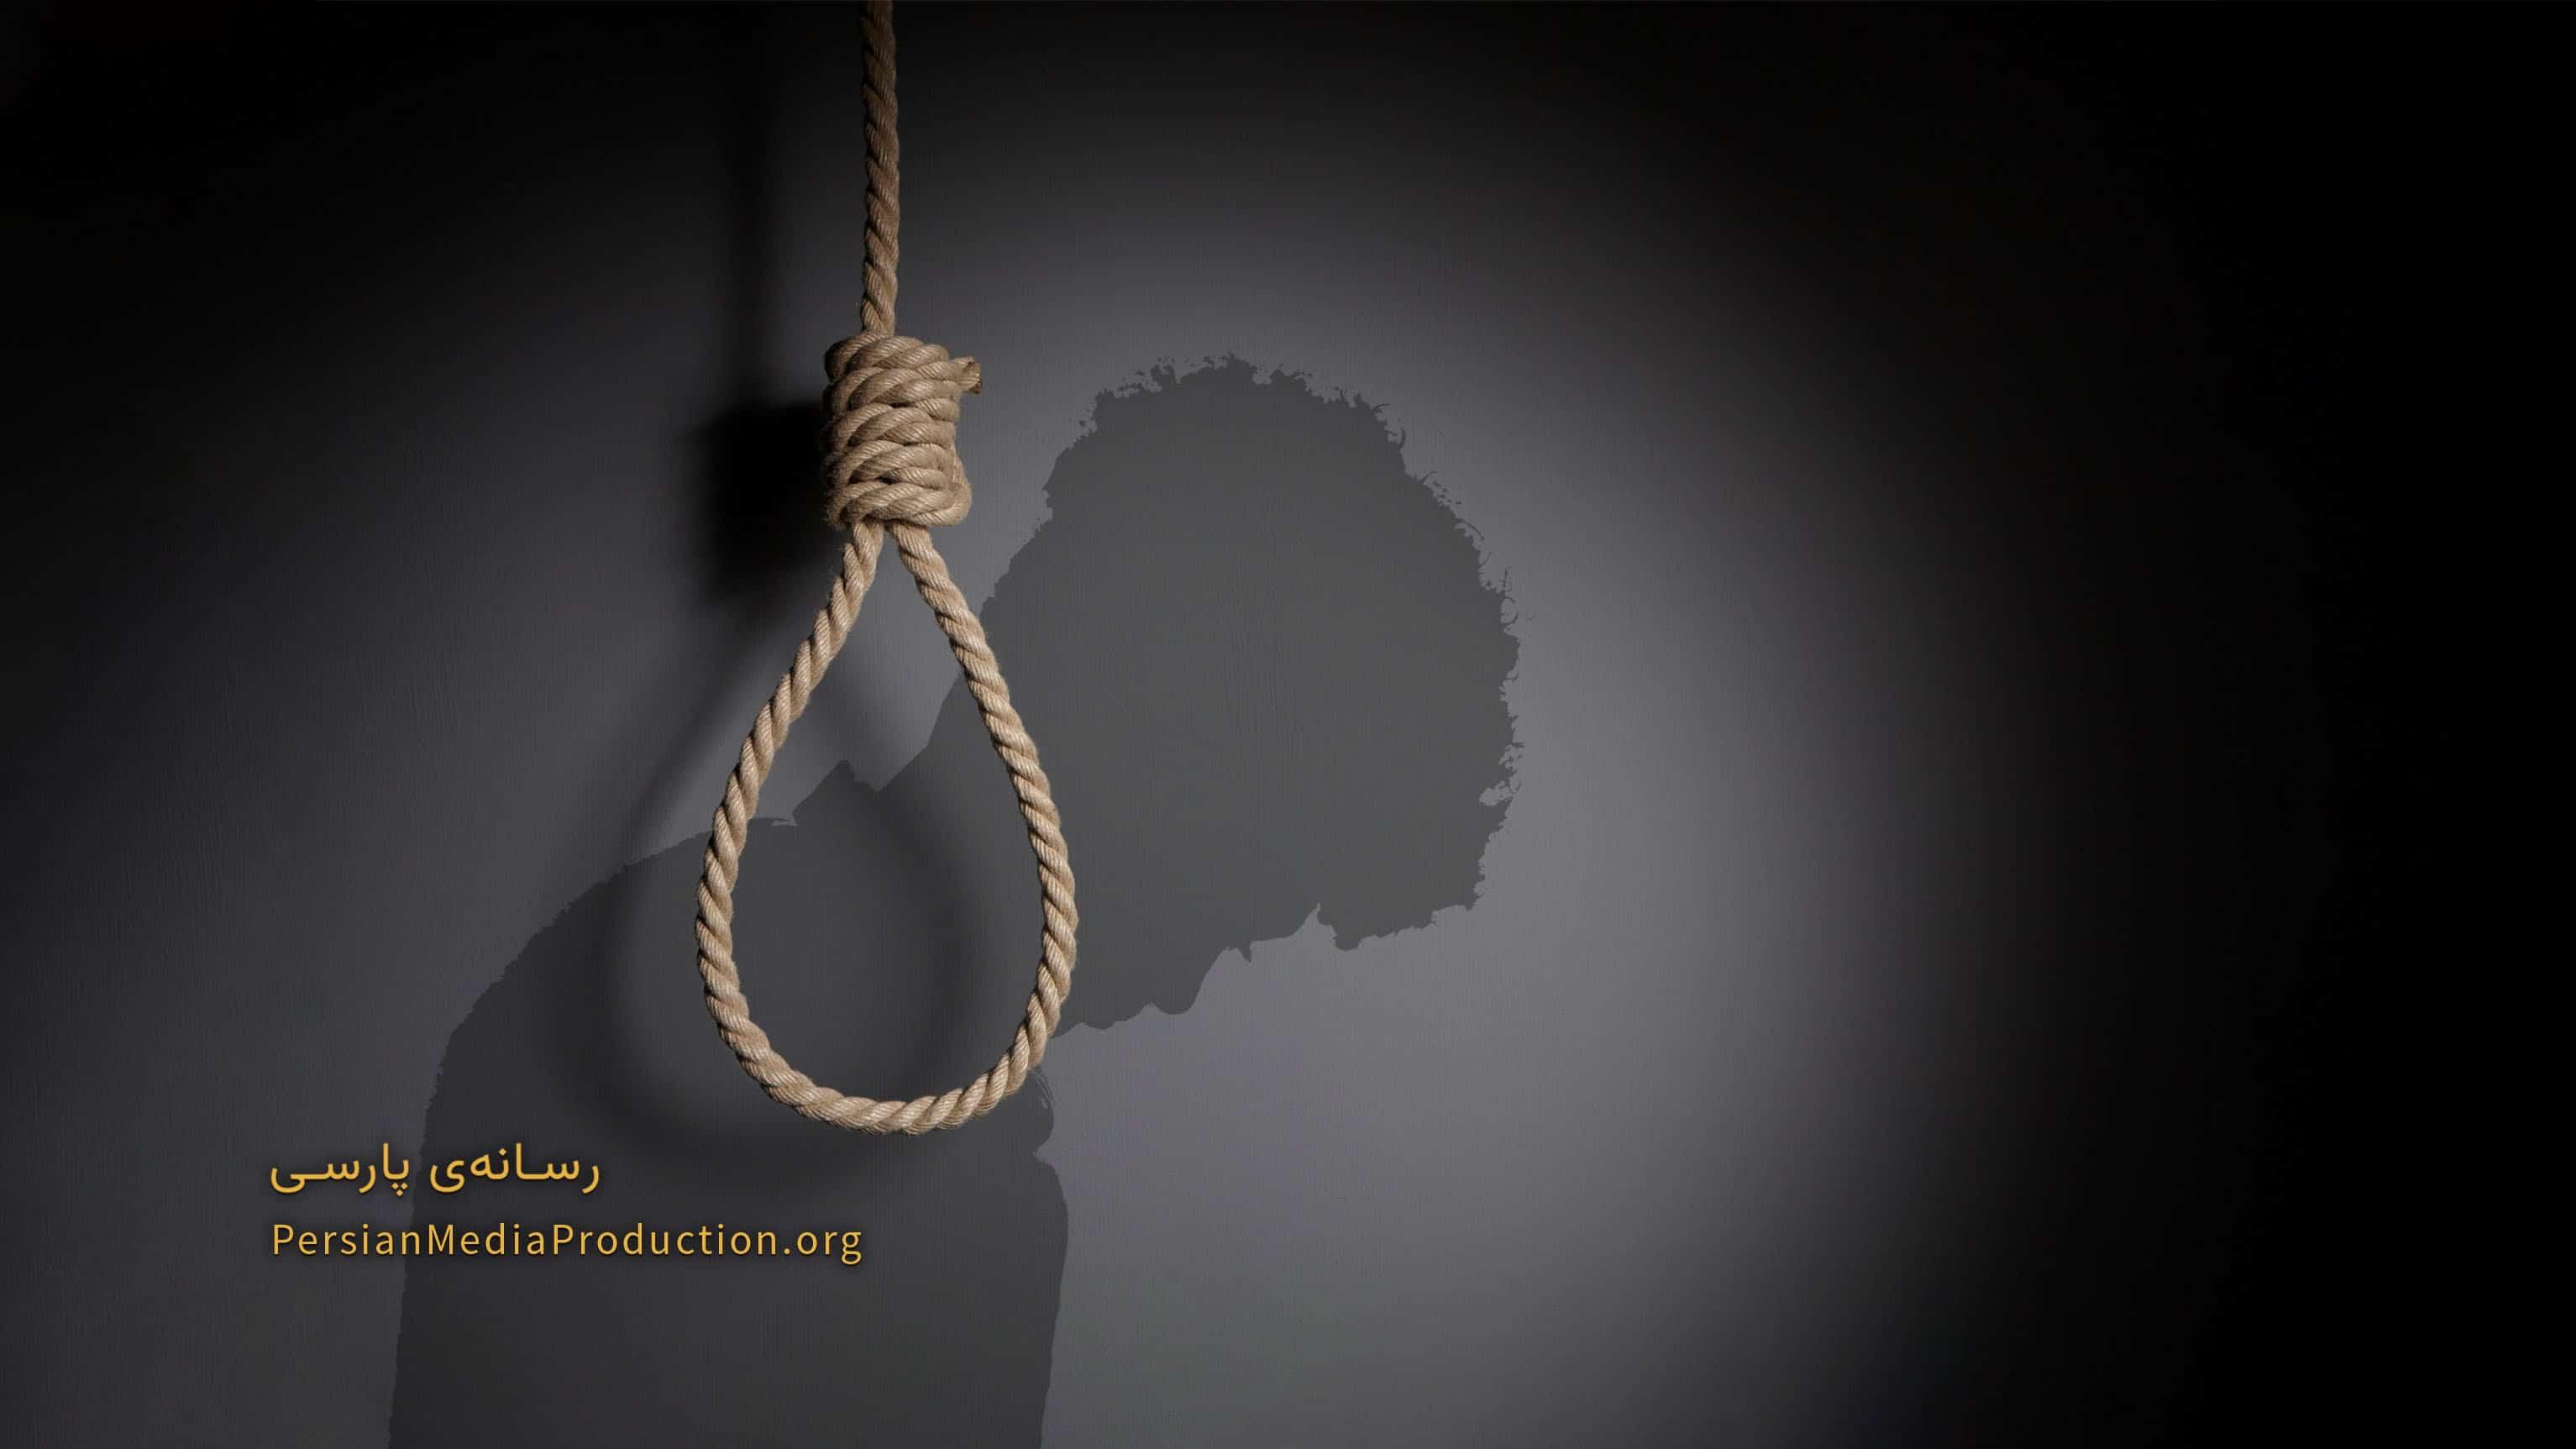 سهم کودک-متهمان از زندگی: انتظار برای اعدام